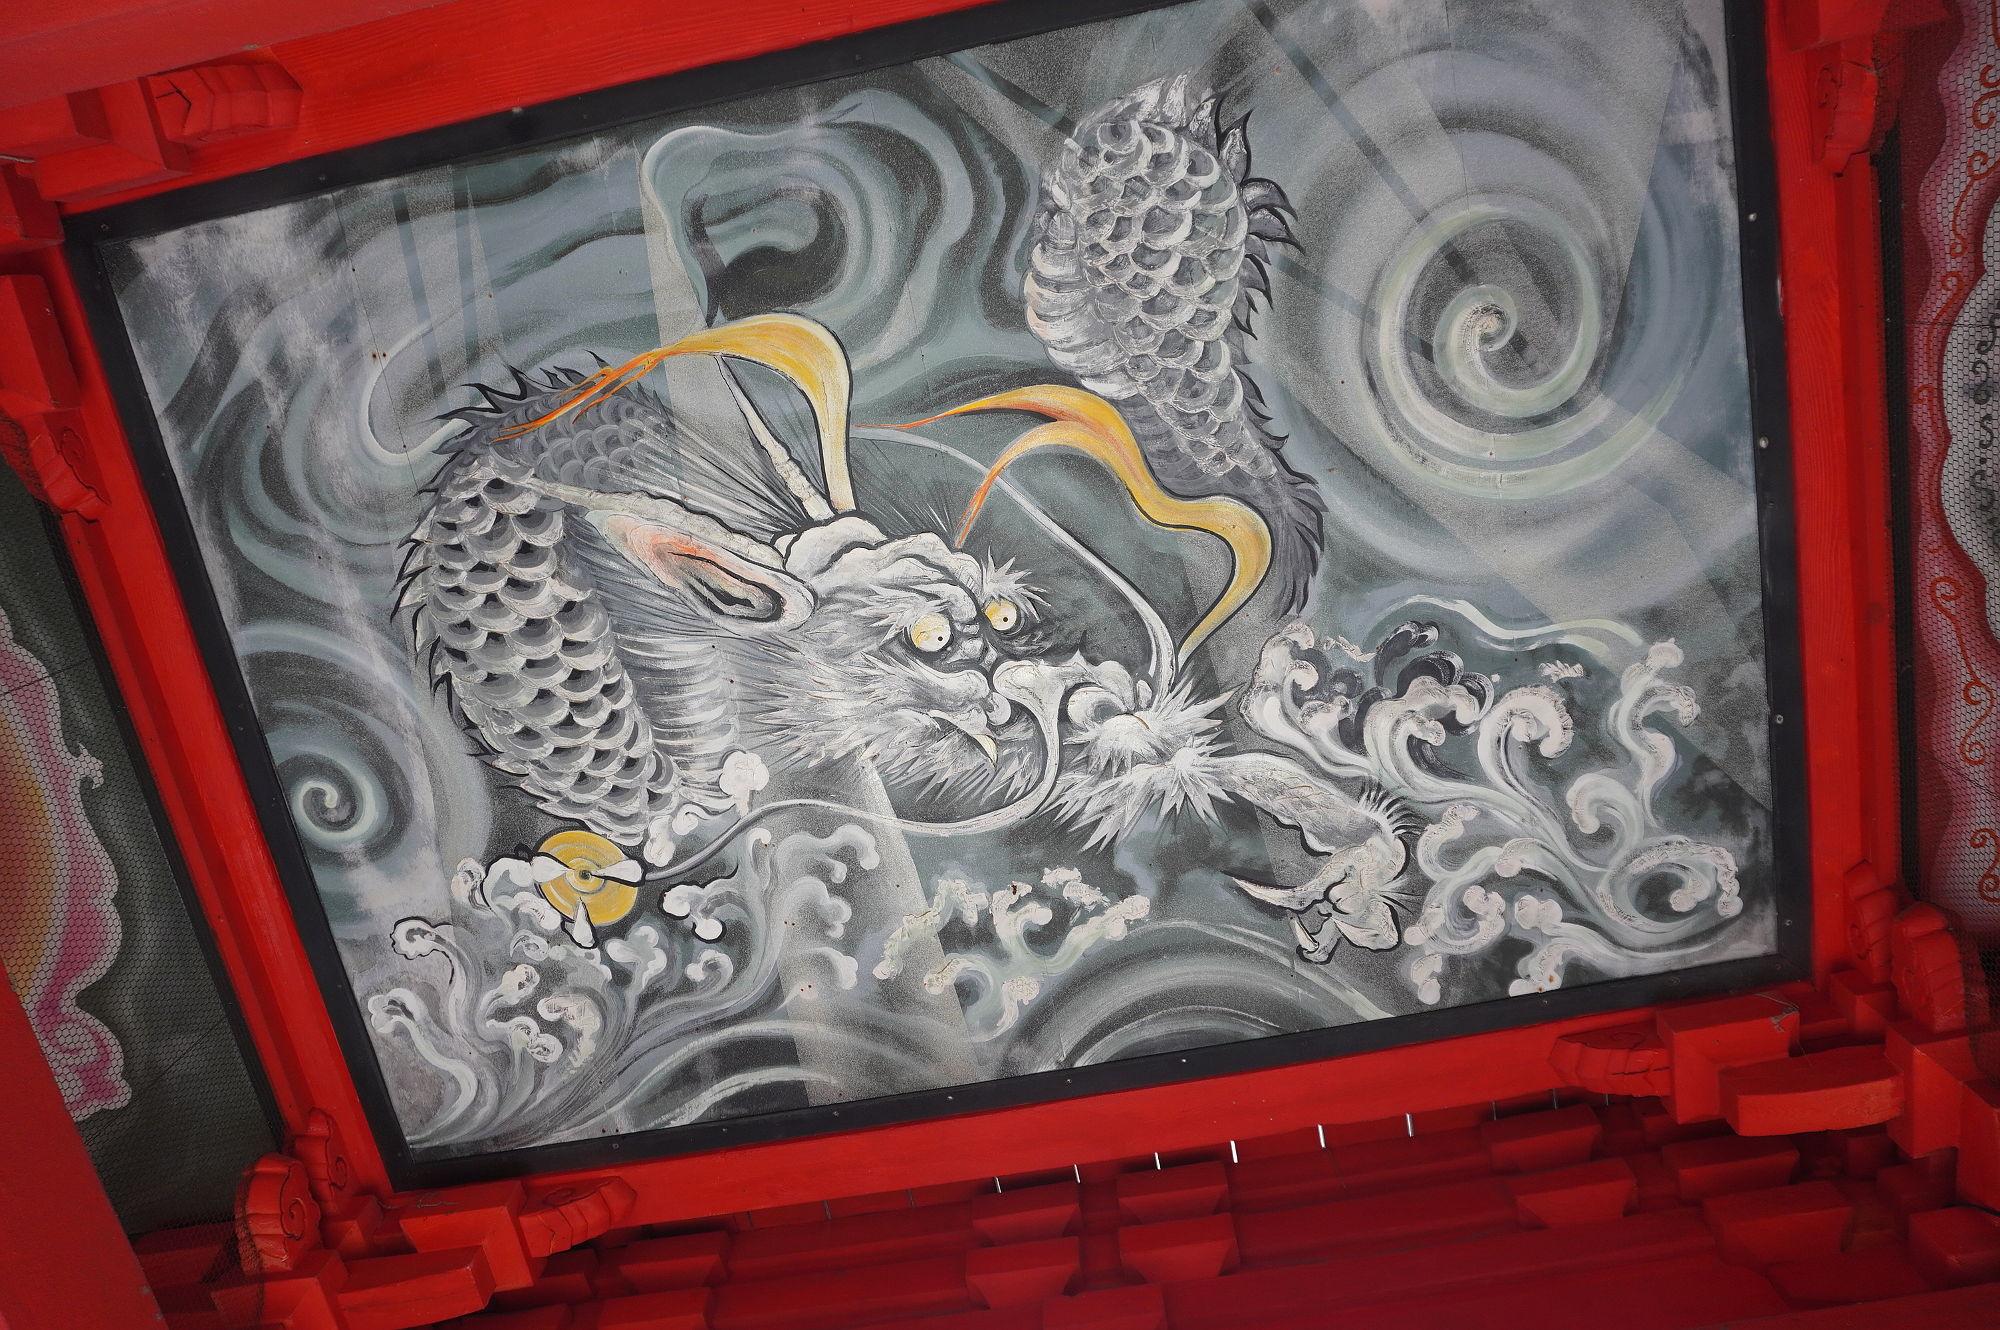 高山寺の楼門の天井絵(龍)